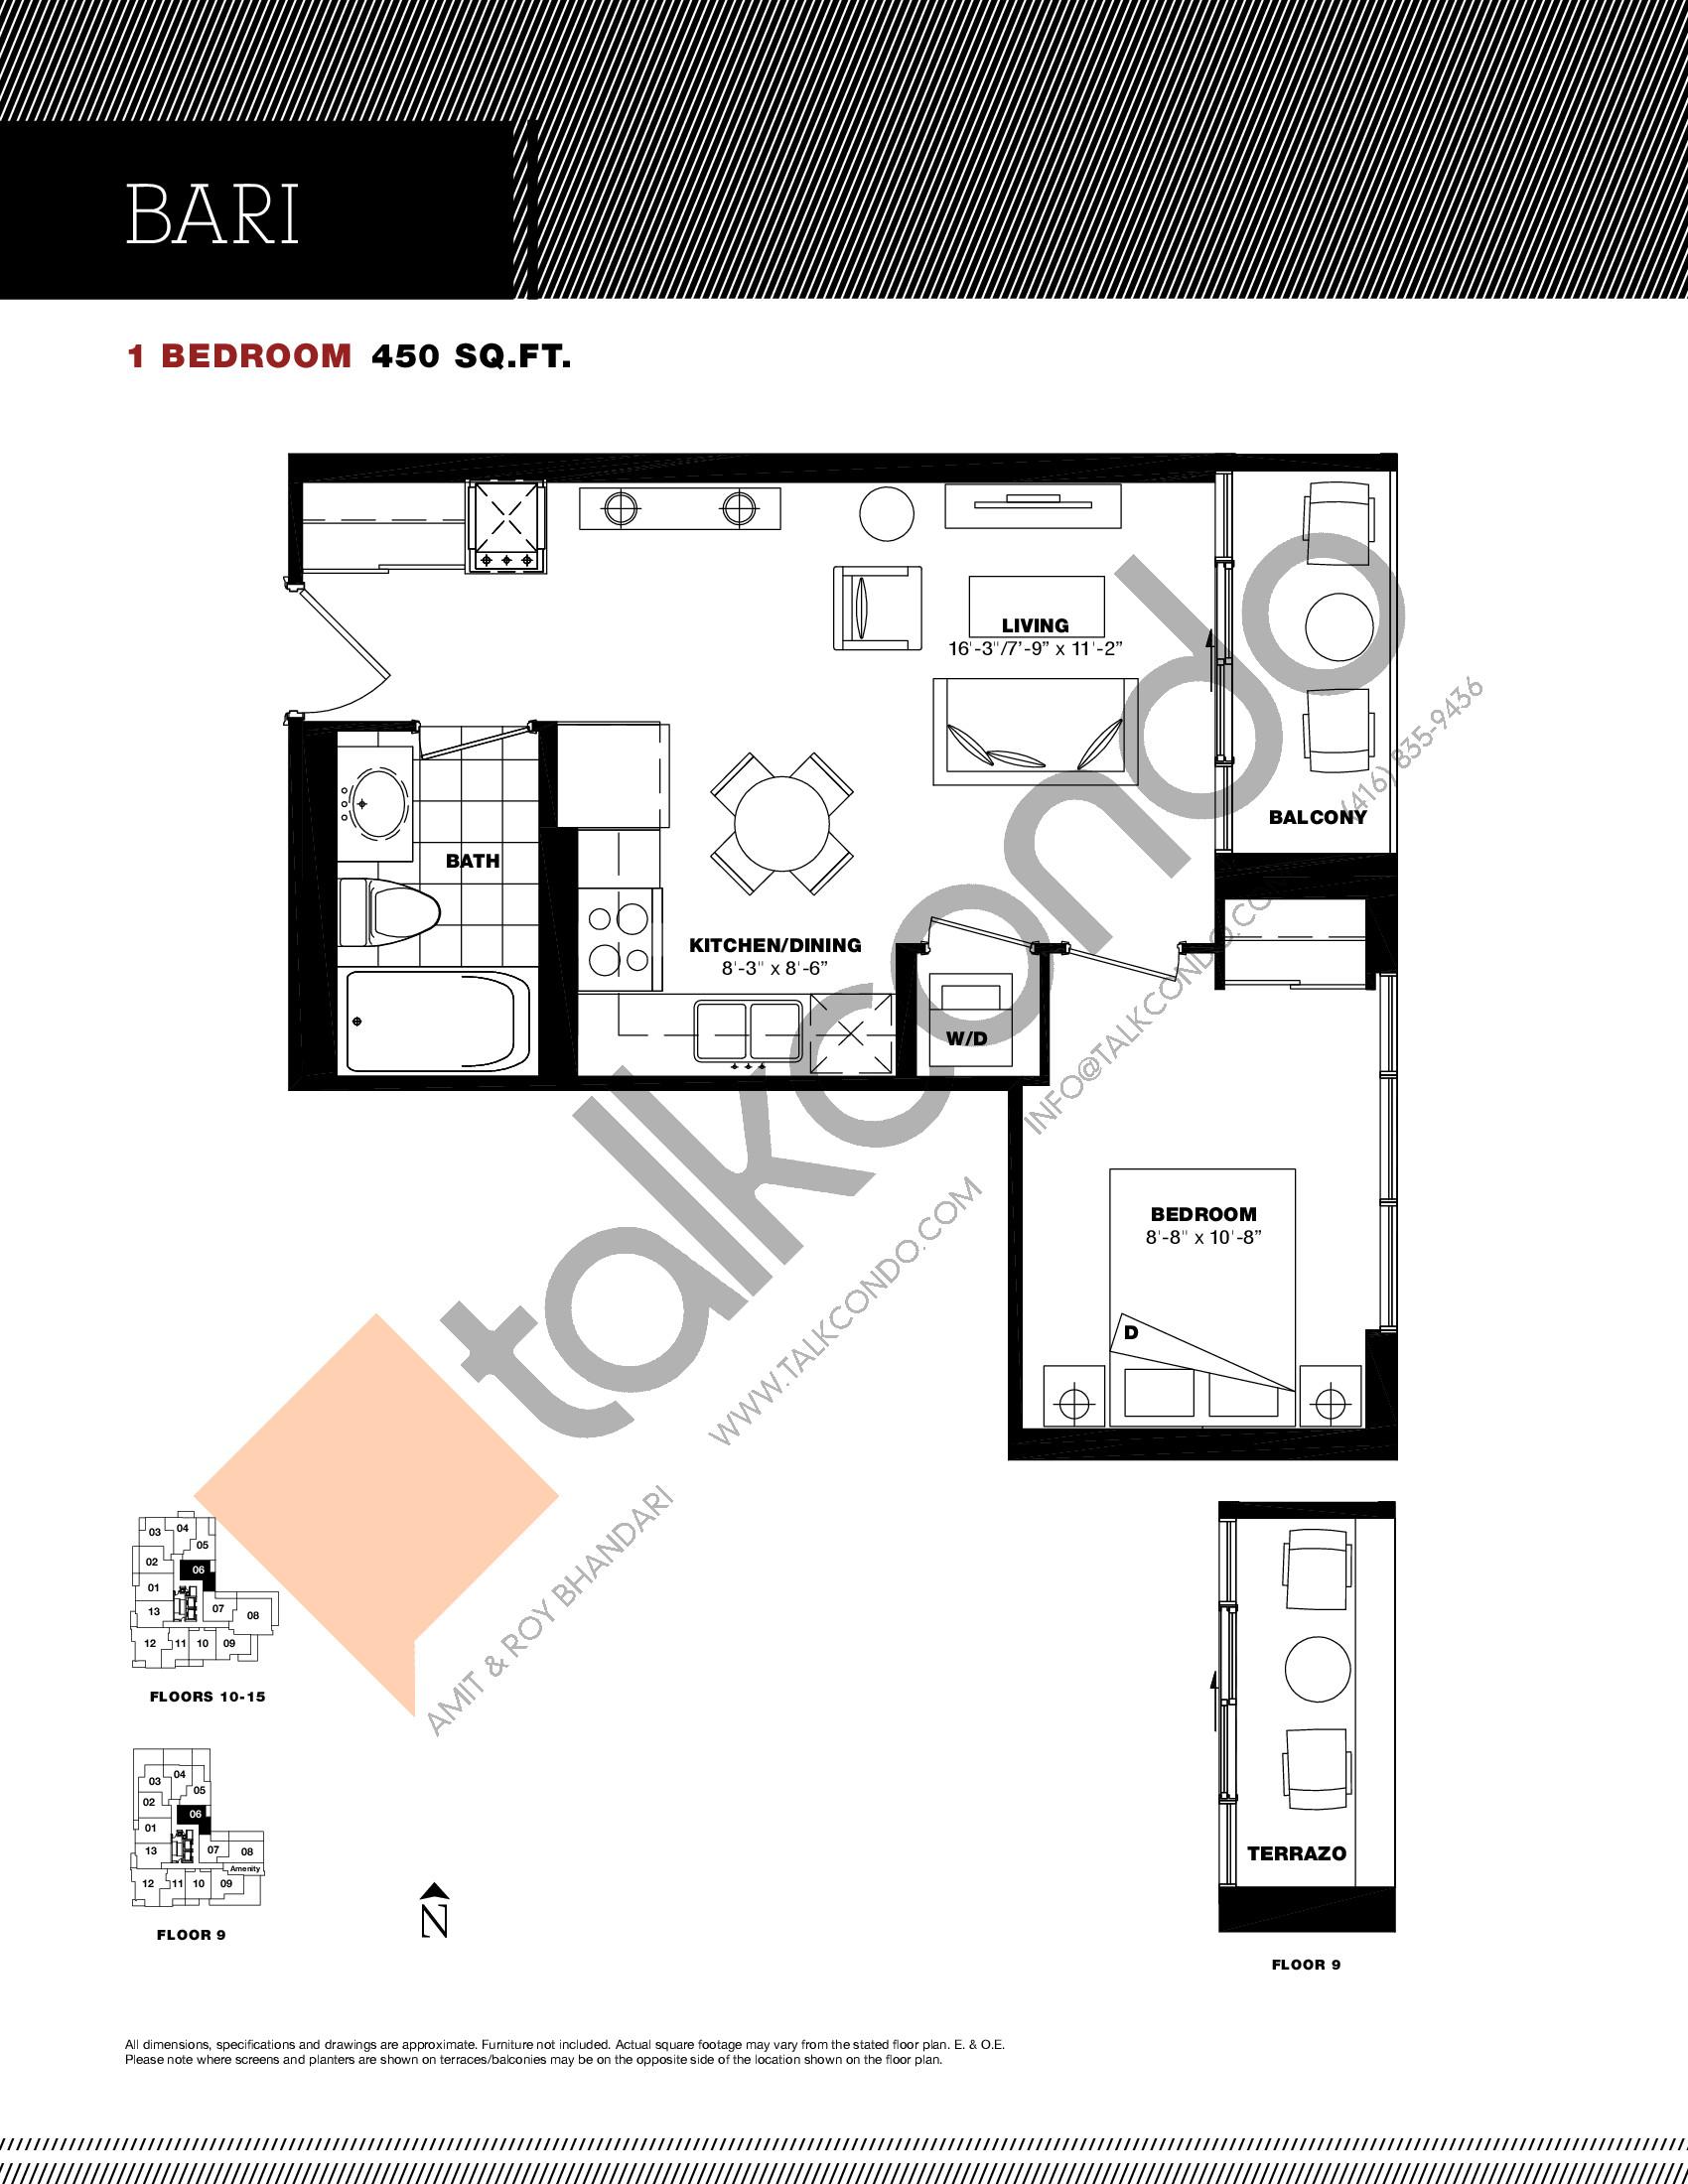 Bari Floor Plan at Residenze Palazzo at Treviso 3 Condos - 450 sq.ft